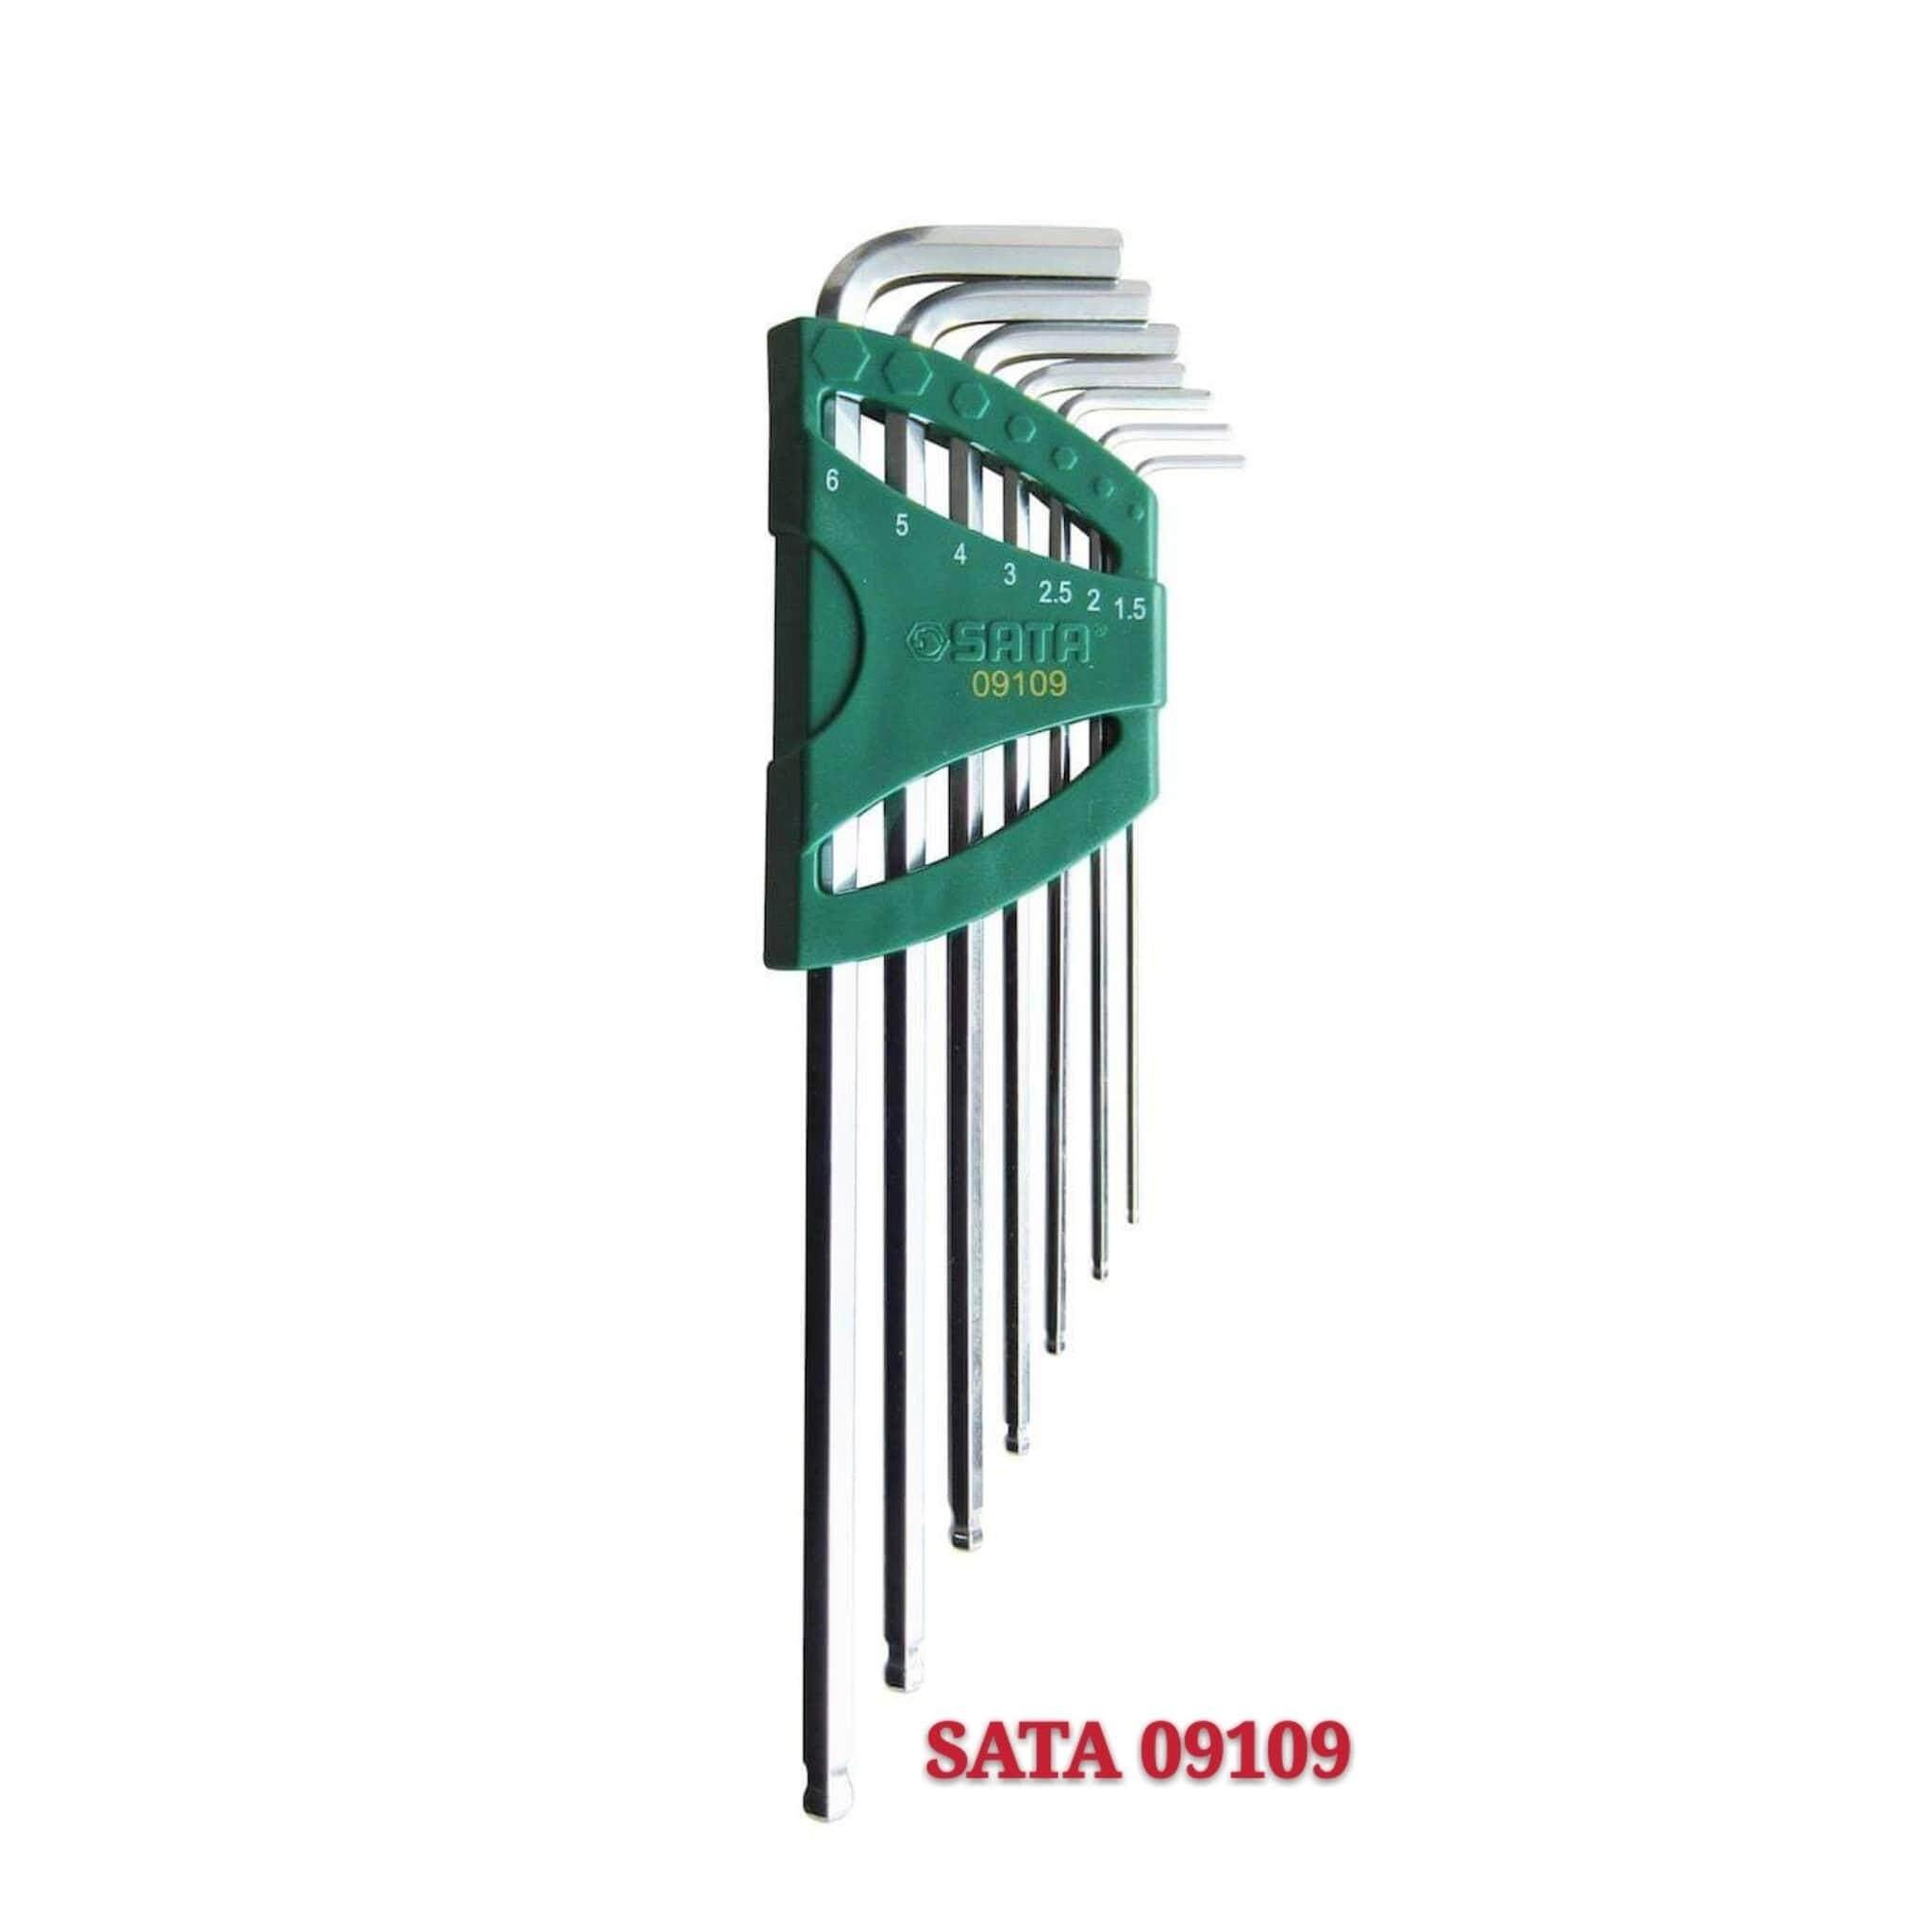 (READY STOCK) SATA Hex Key